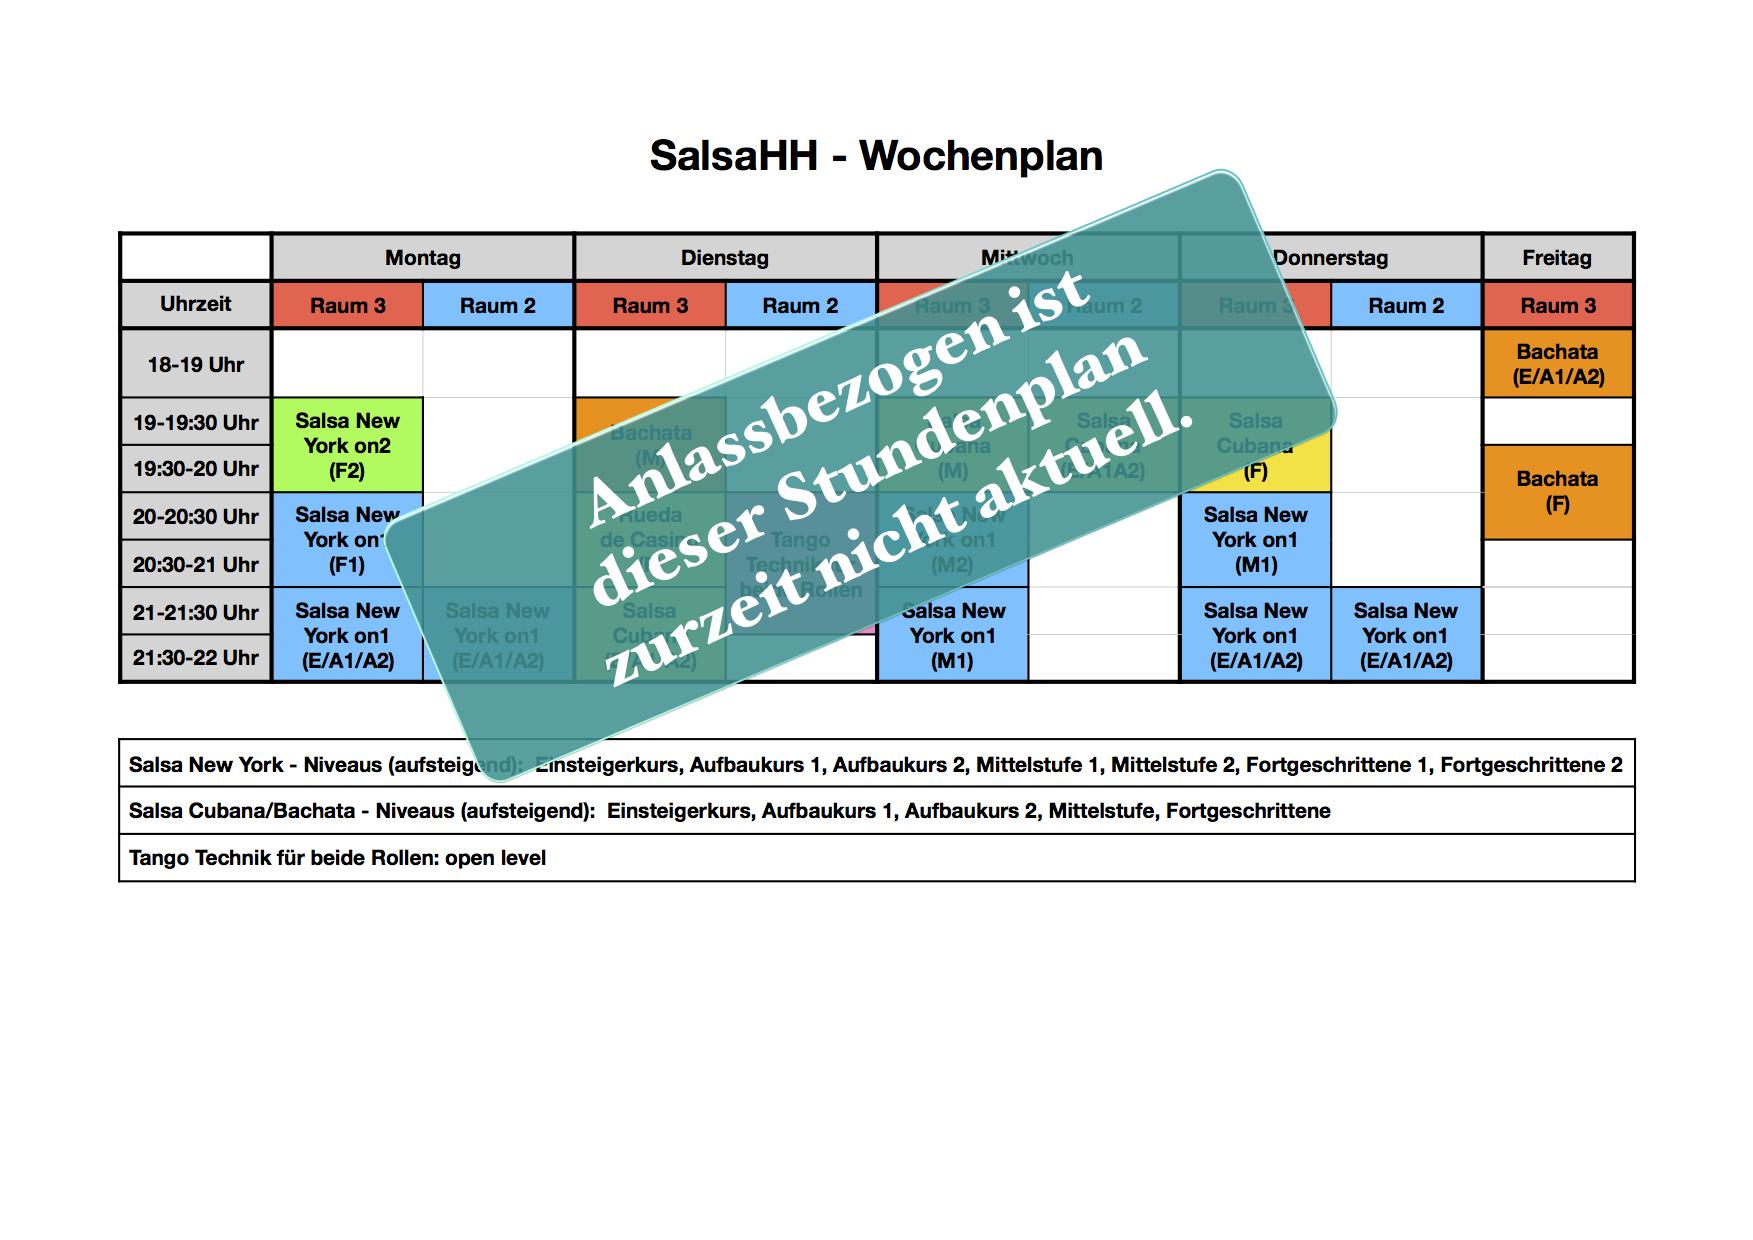 SalsaHH - Der Stundenplan ist coronabedingt nicht aktuell.